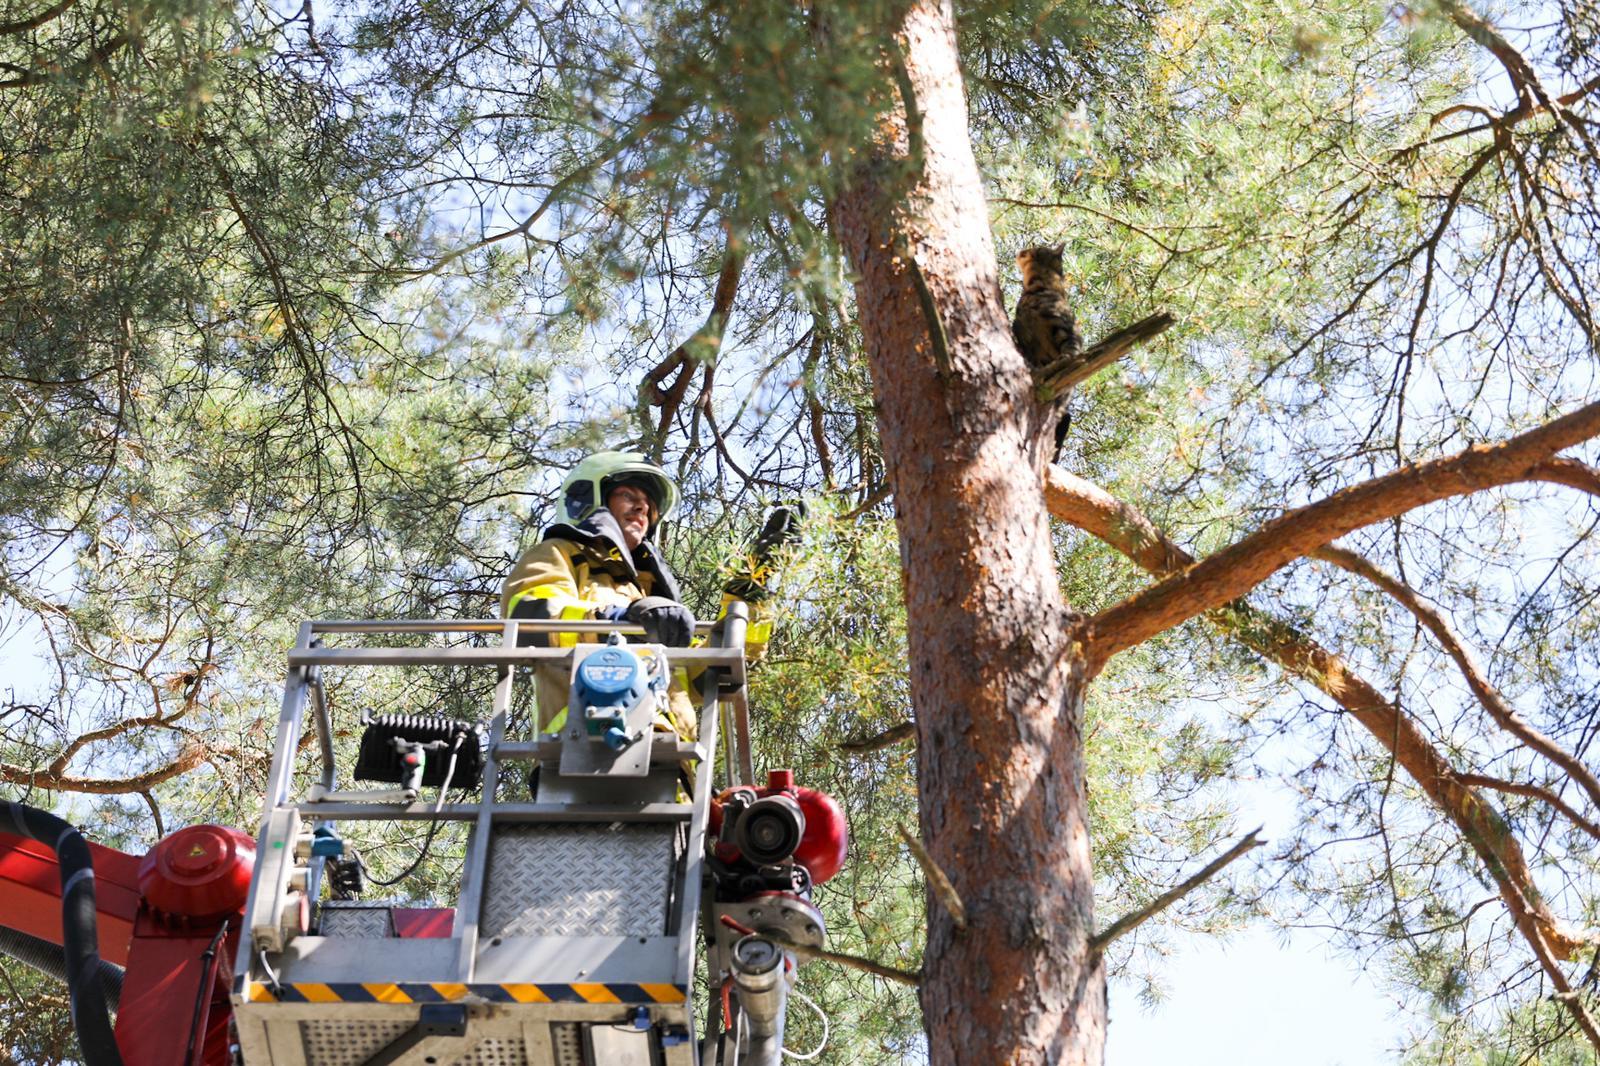 Geen goed nieuws voor eigenaar van ontsnapte kat; brandweer krijgt viervoeter niet uit de boom